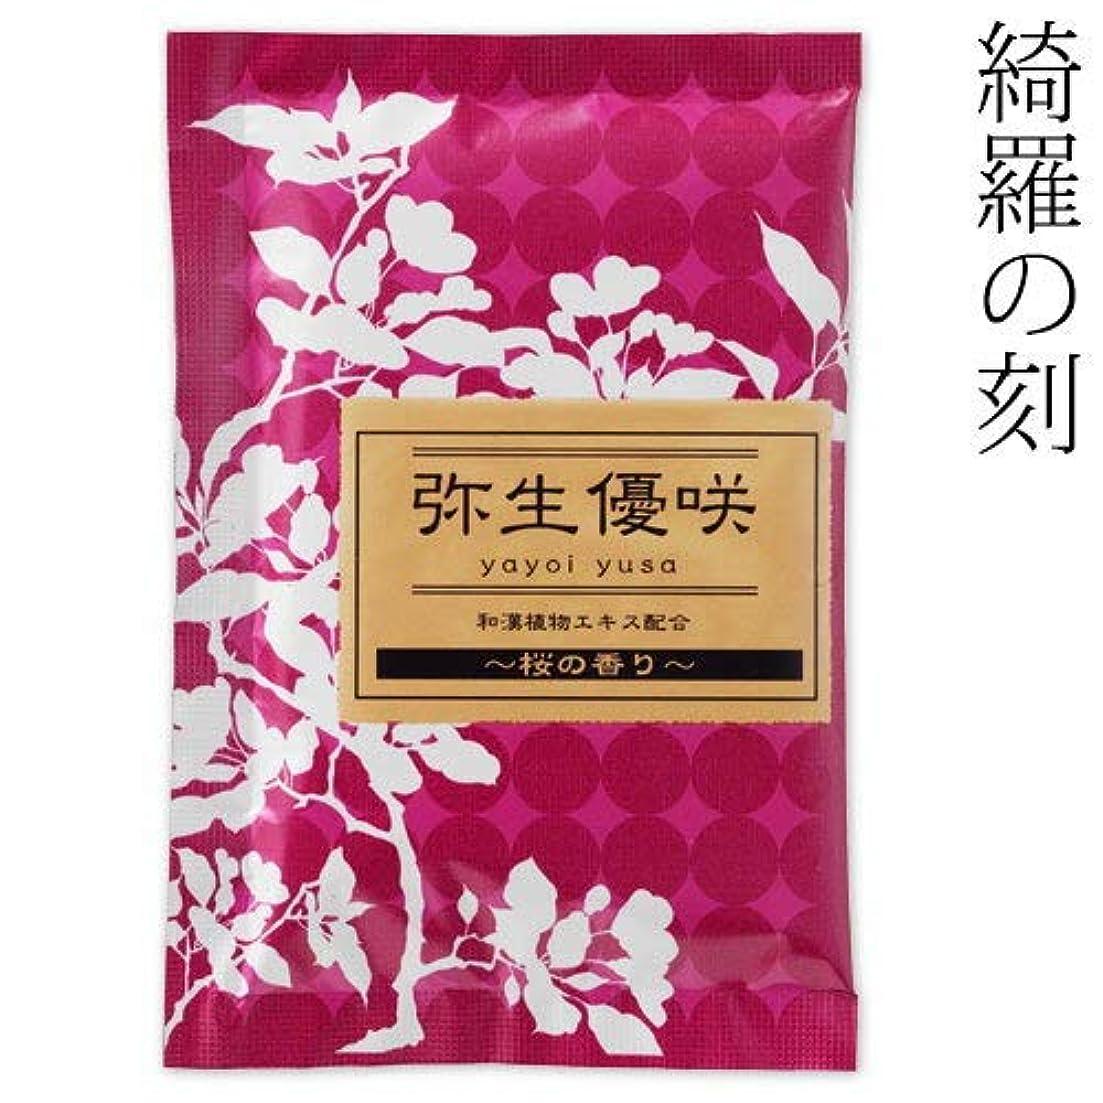 コンバーチブルバナーロック解除入浴剤綺羅の刻桜の香り弥生優咲1包石川県のお風呂グッズBath additive, Ishikawa craft